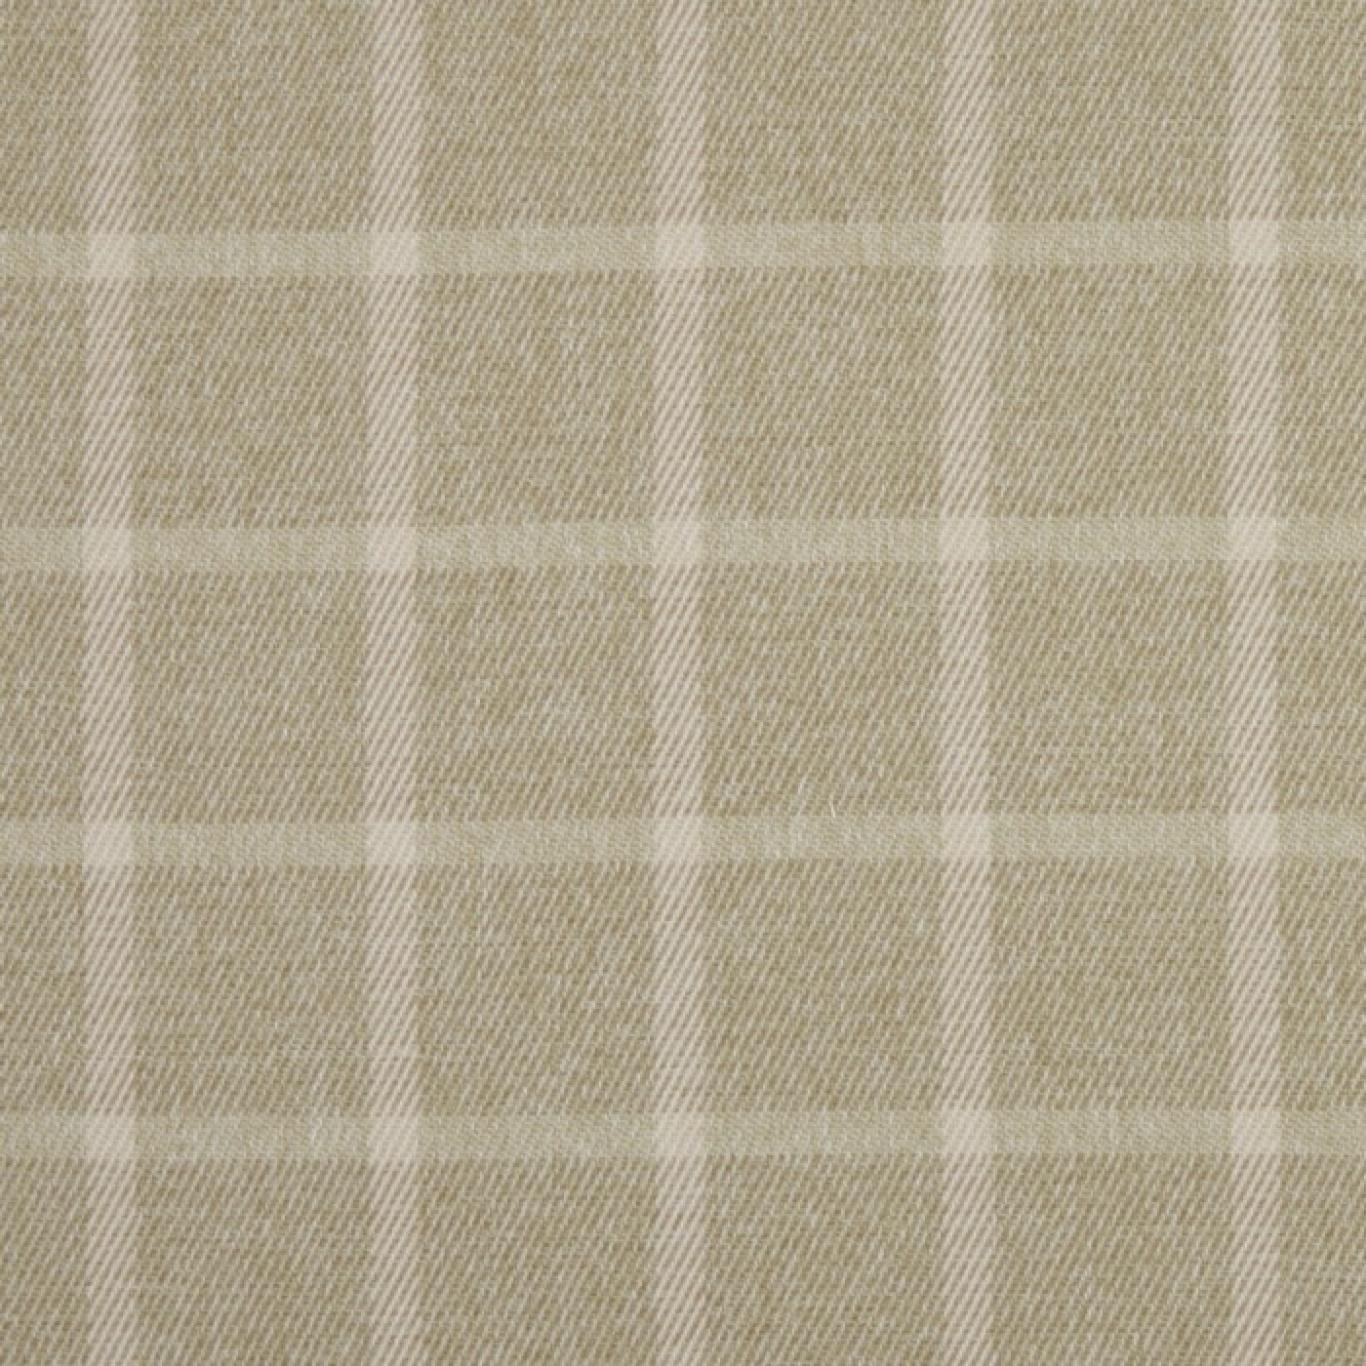 Image of Prestigious Halkirk Oatmeal Fabric